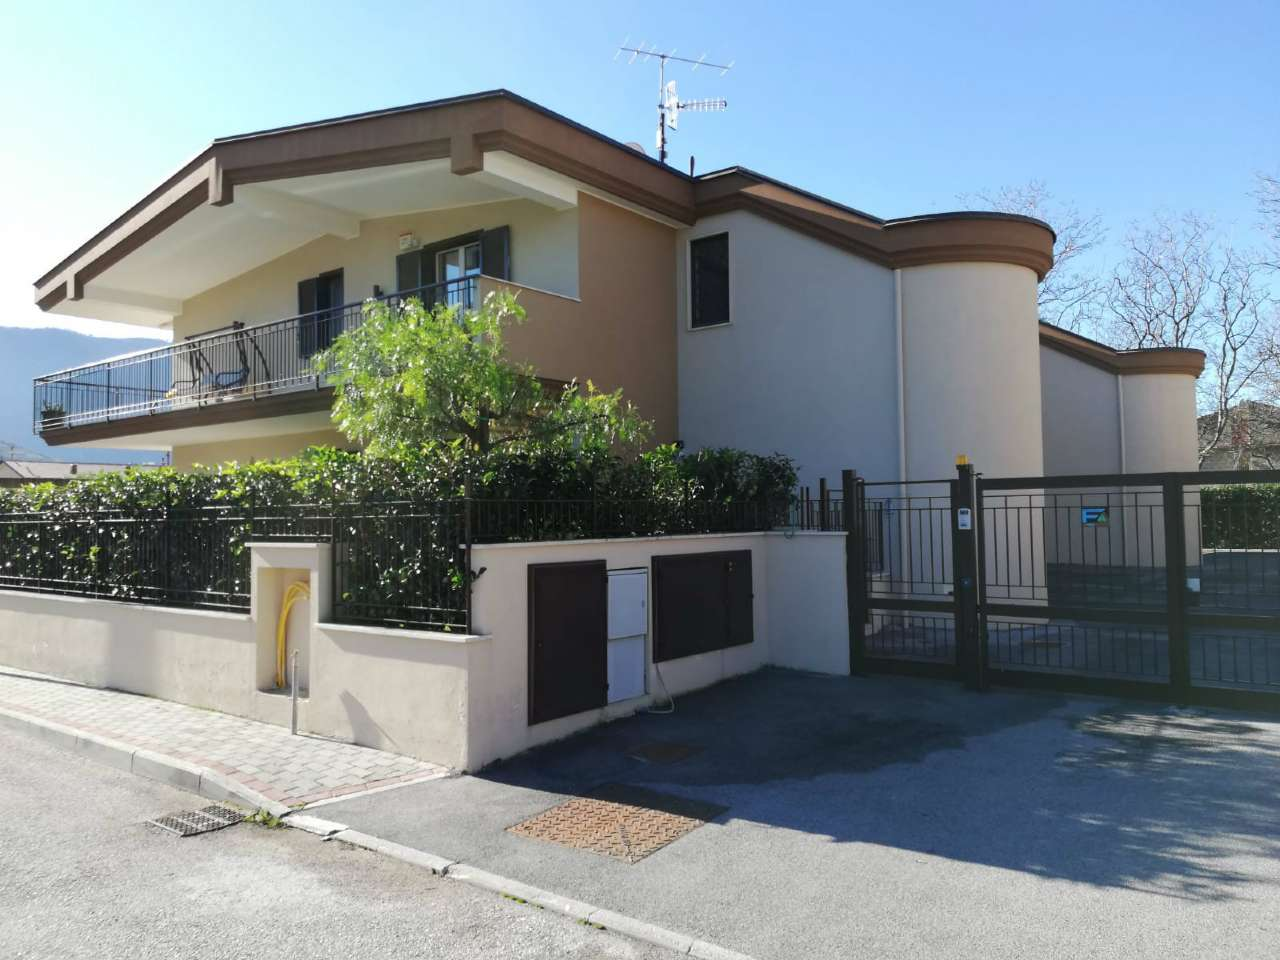 Appartamento in vendita a Arienzo, 5 locali, prezzo € 145.000 | PortaleAgenzieImmobiliari.it